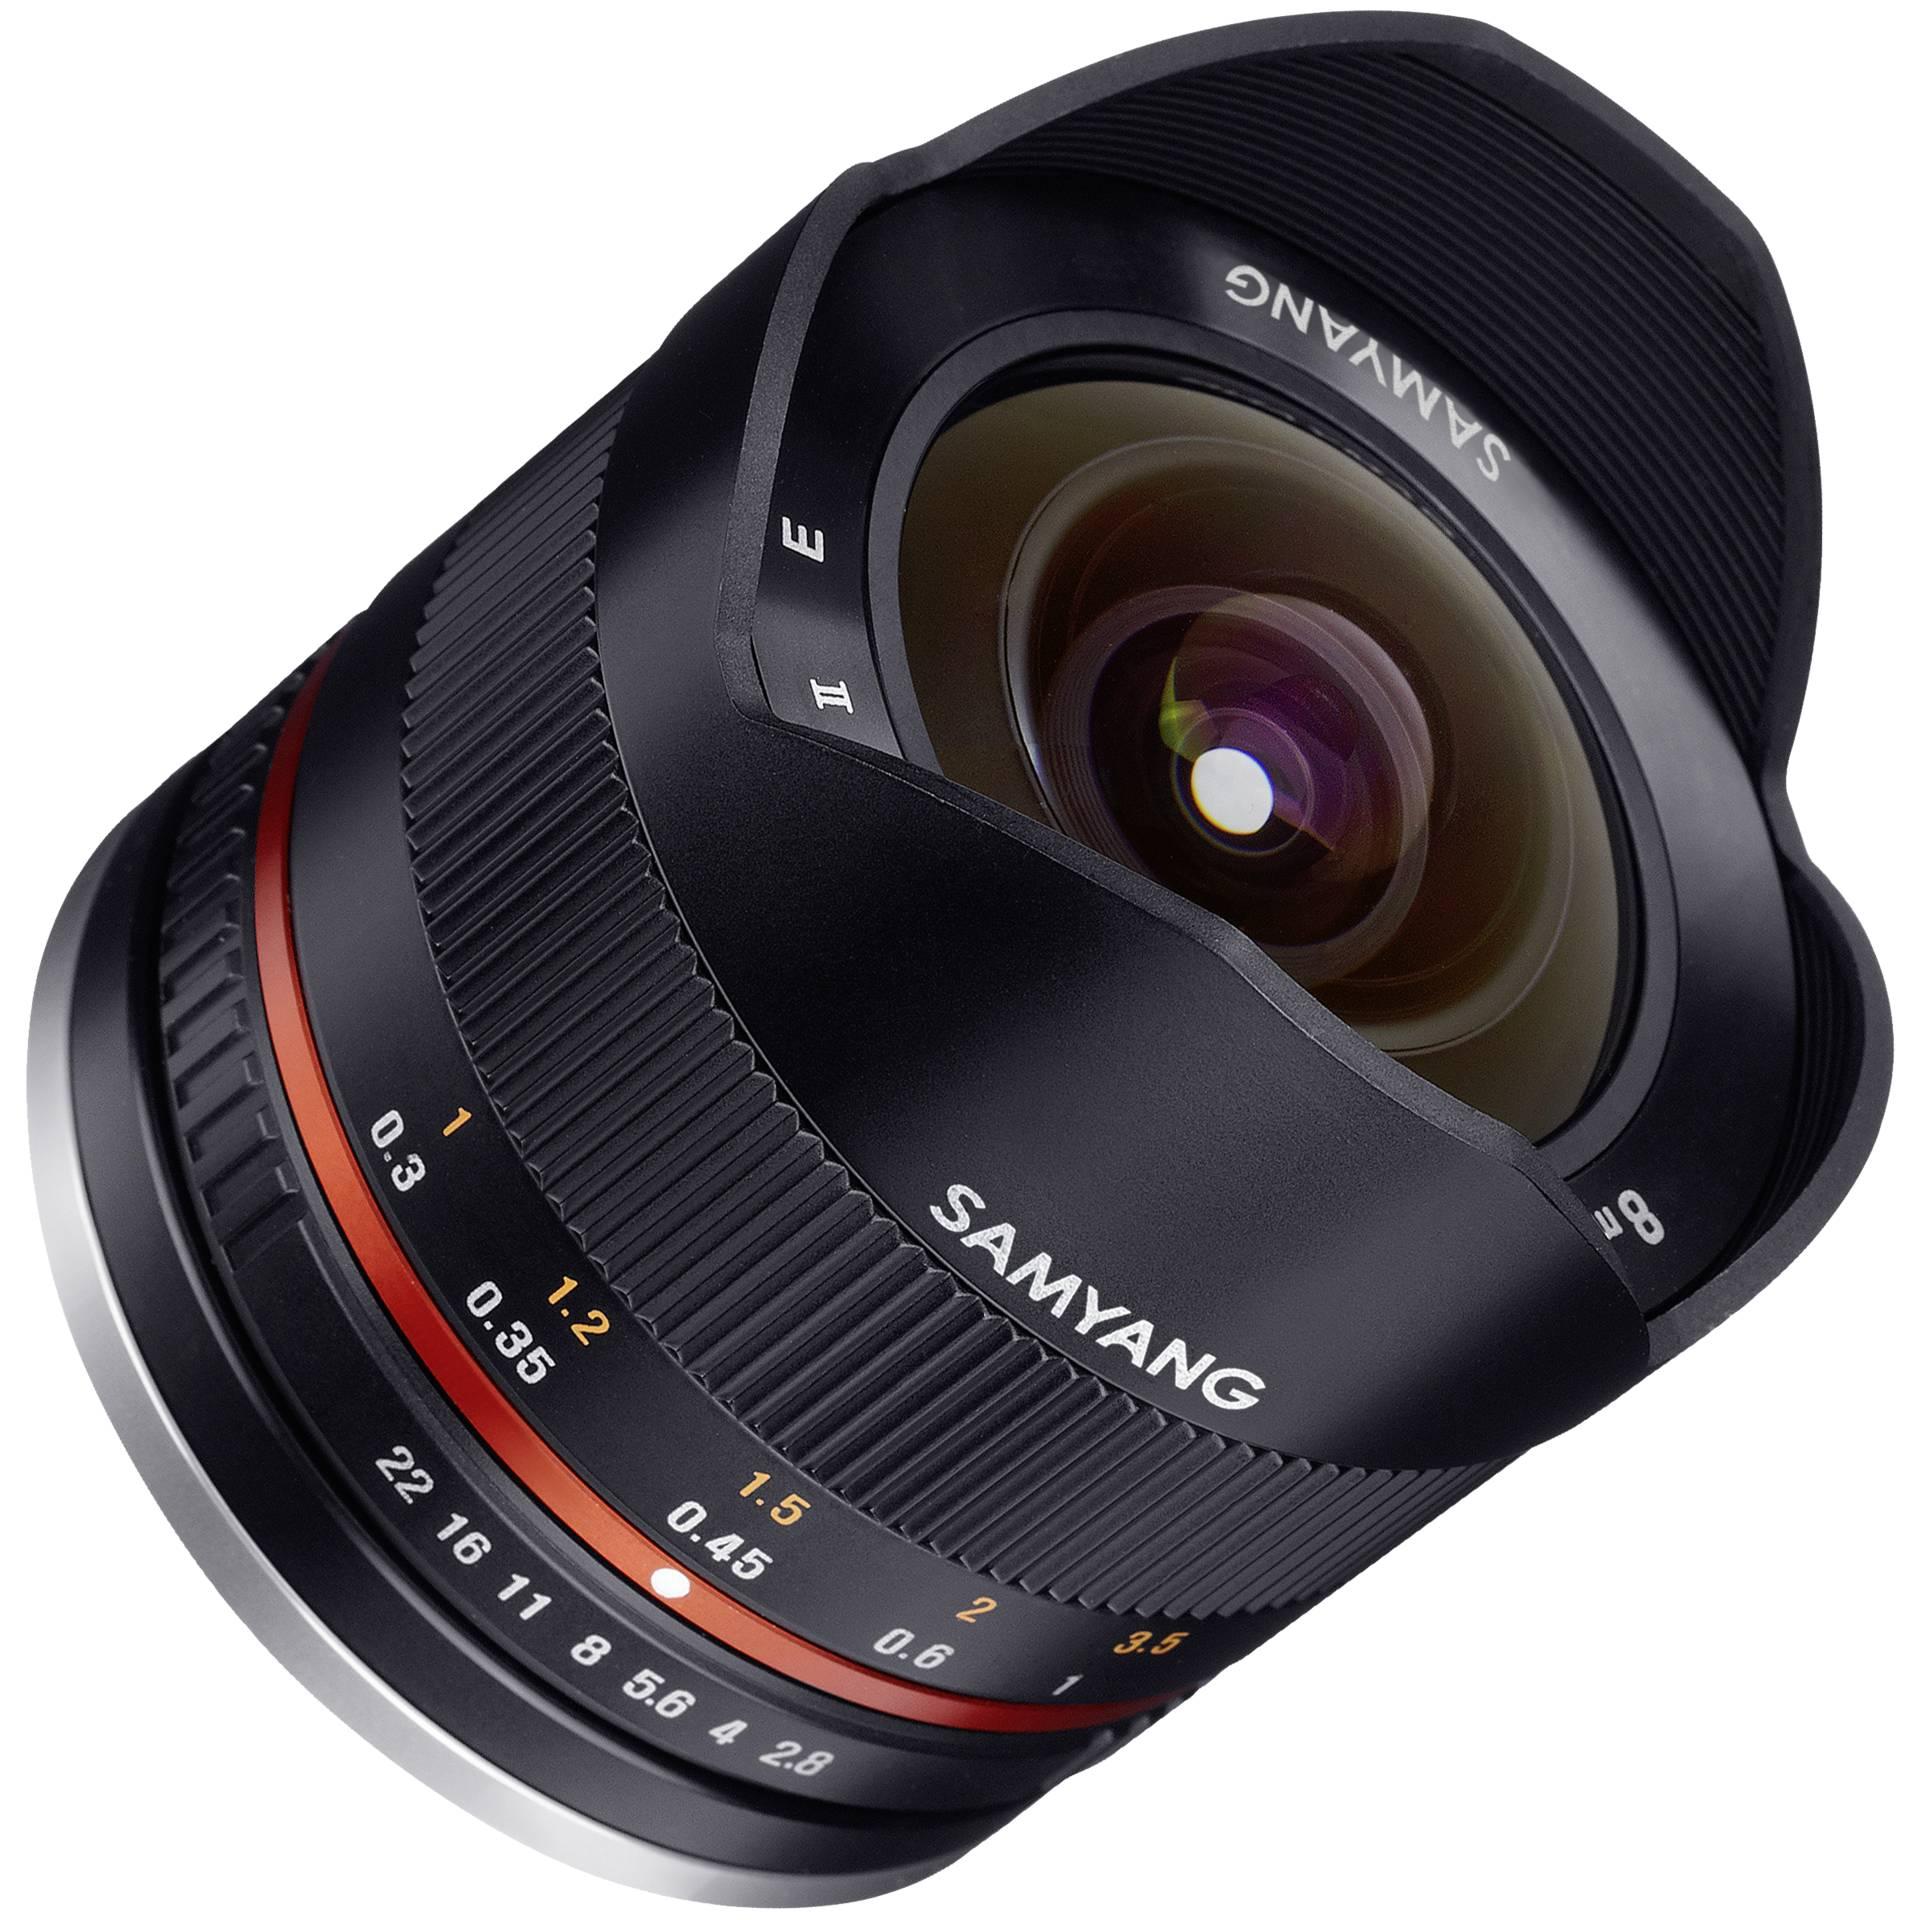 Samyang F 2,8/8 Fish-Eye II schwarz Fuji X